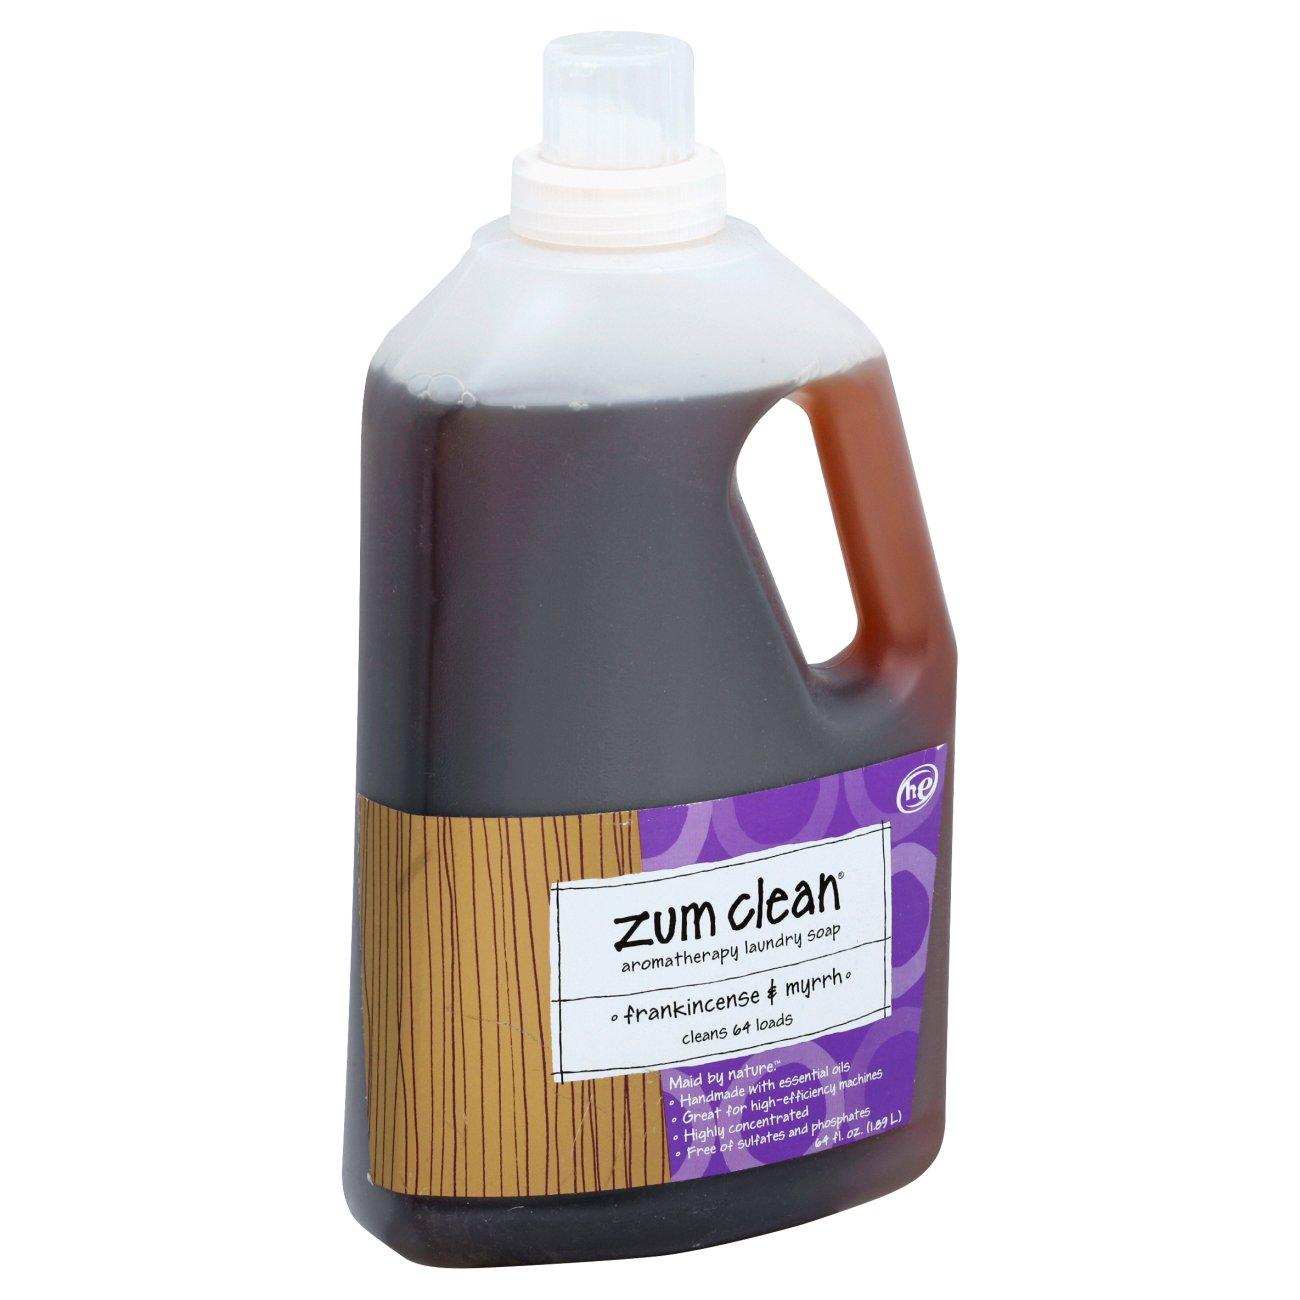 Indigo Wild Frankincense Myrrh Zum Clean Laundry Soap Shop